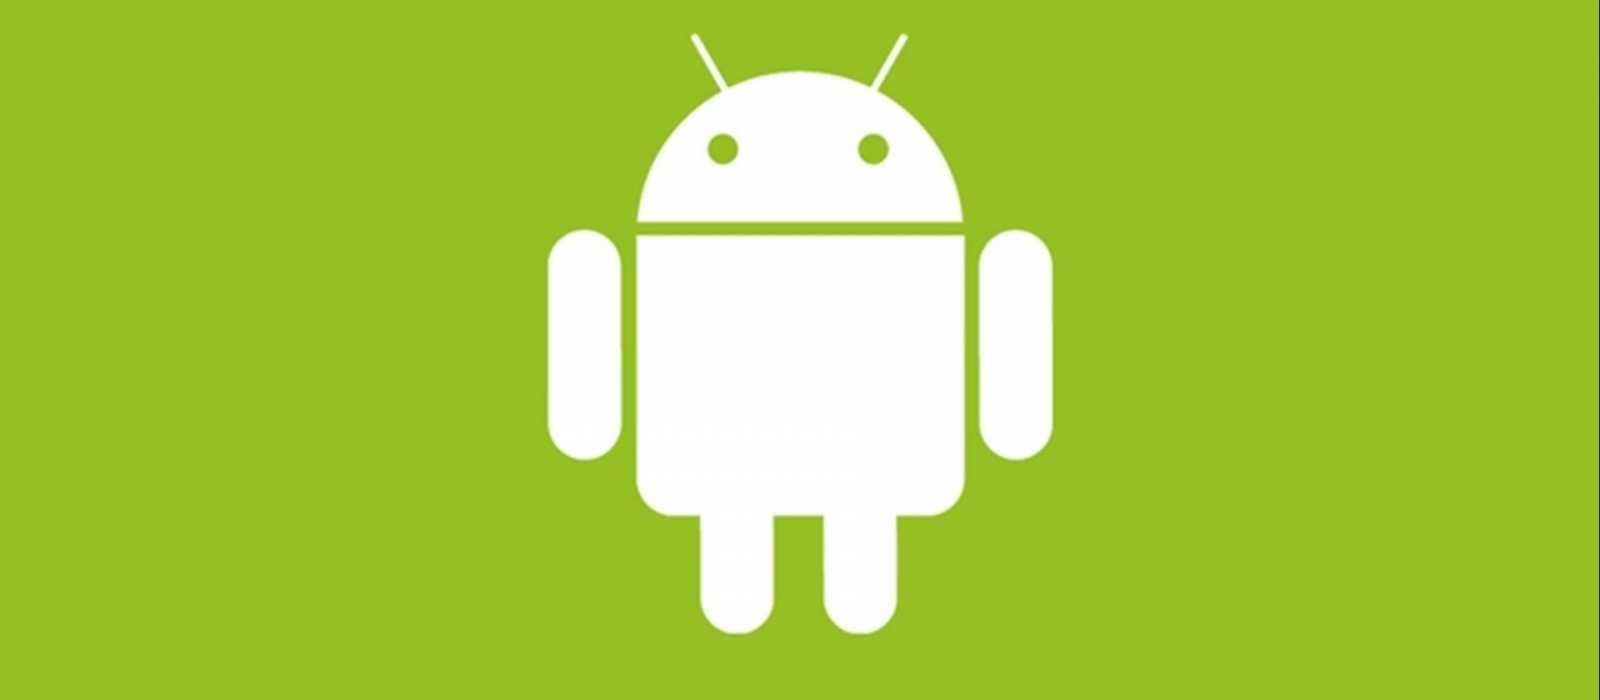 Werbegeschenk: 3 Spiele und 2 Anwendungen werden bei Google Play kostenlos verteilt